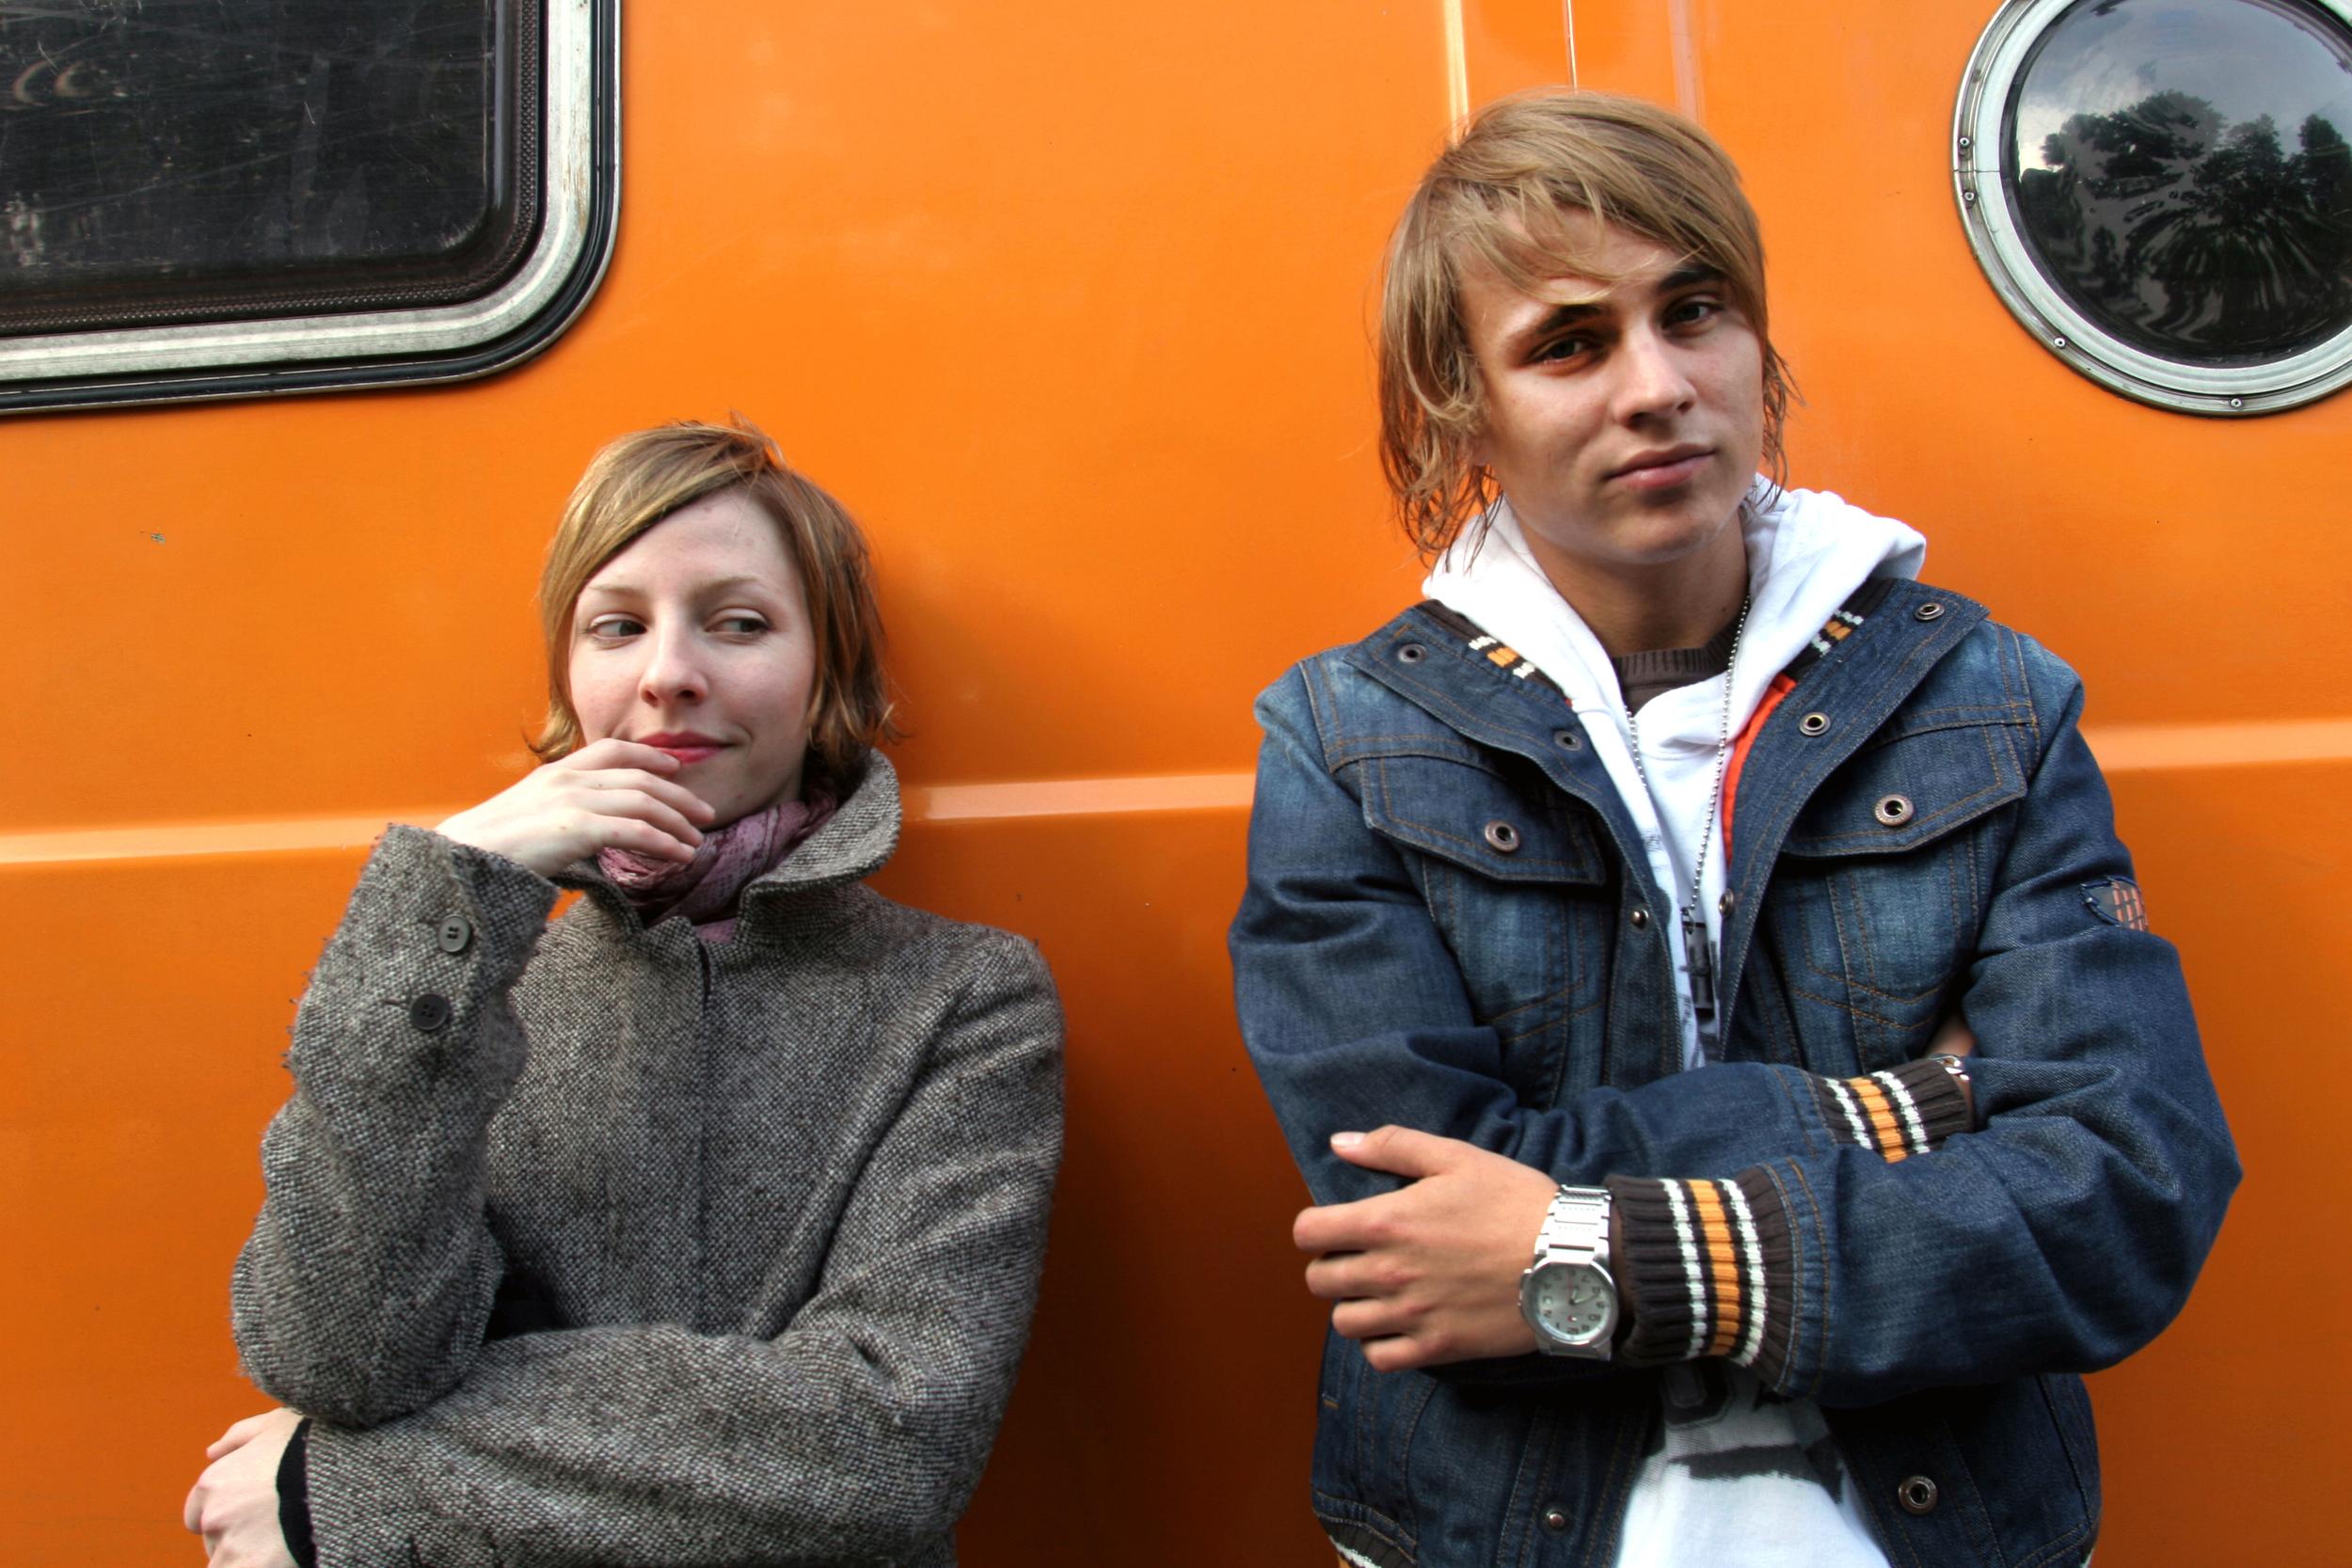 Katharina Schüttler und Constantin von Jascherow, Actors, Berlin